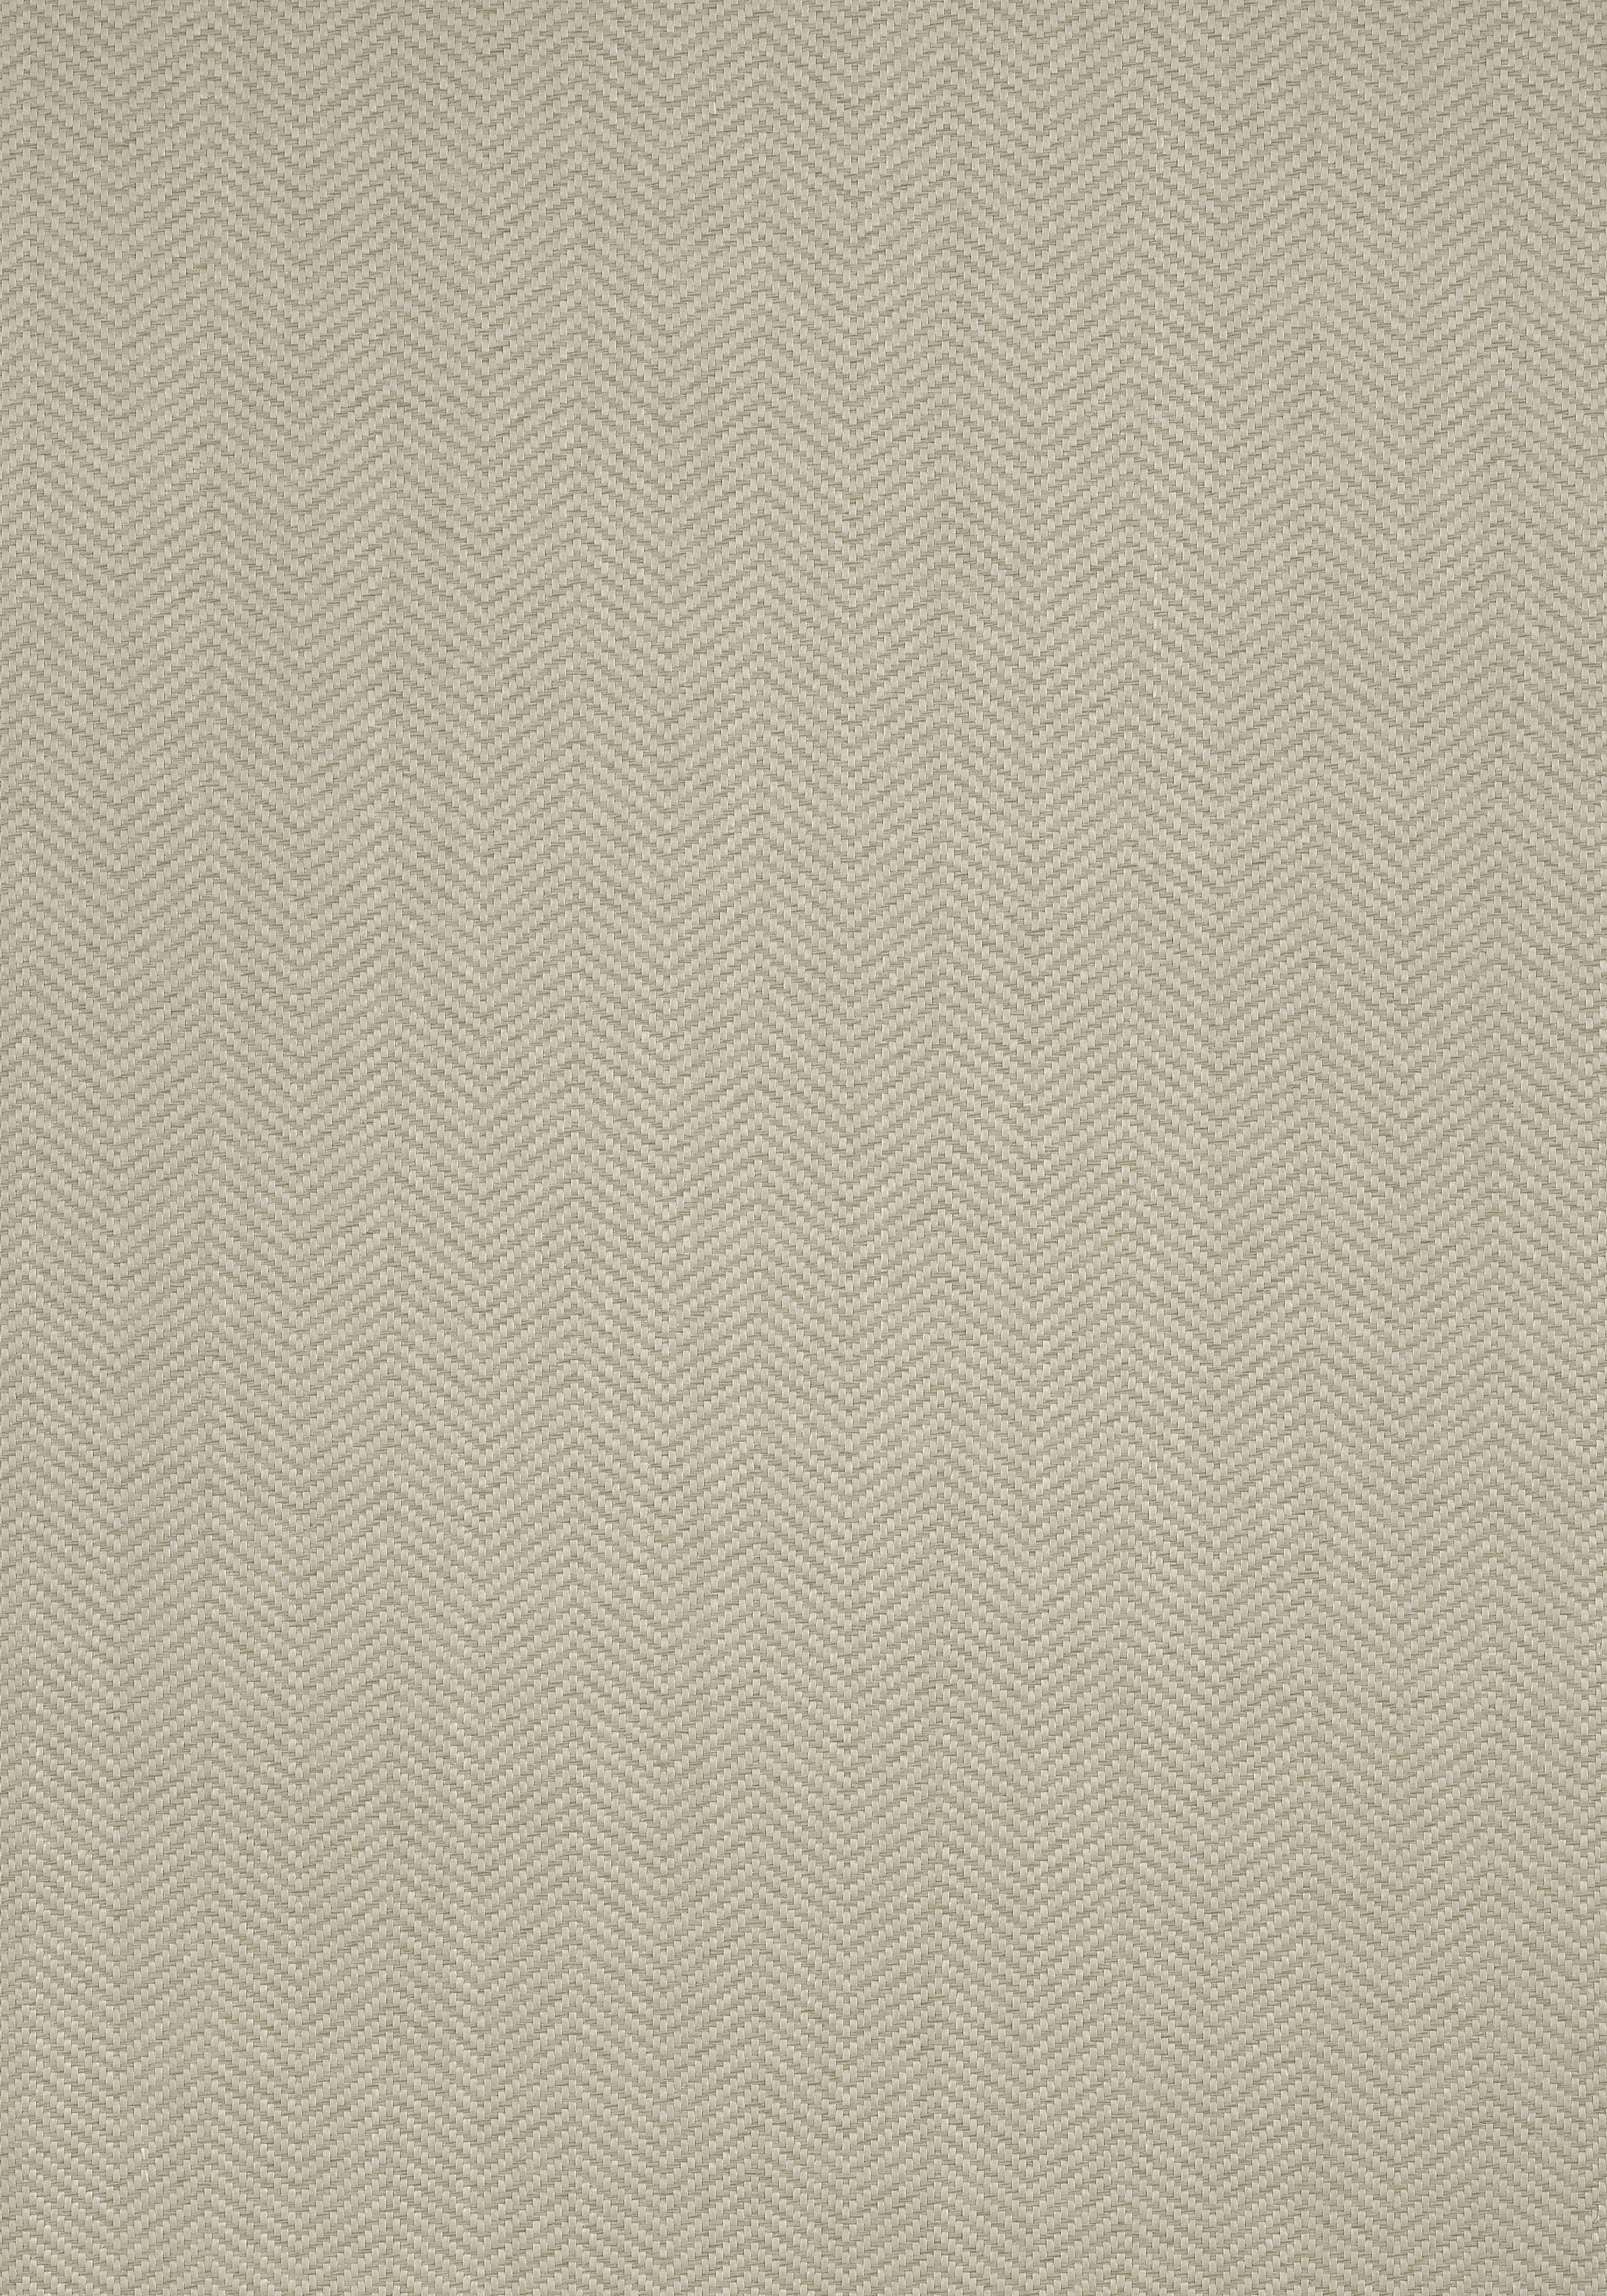 T83029 Hemnes Seafoam Pillows Textured Wallpaper